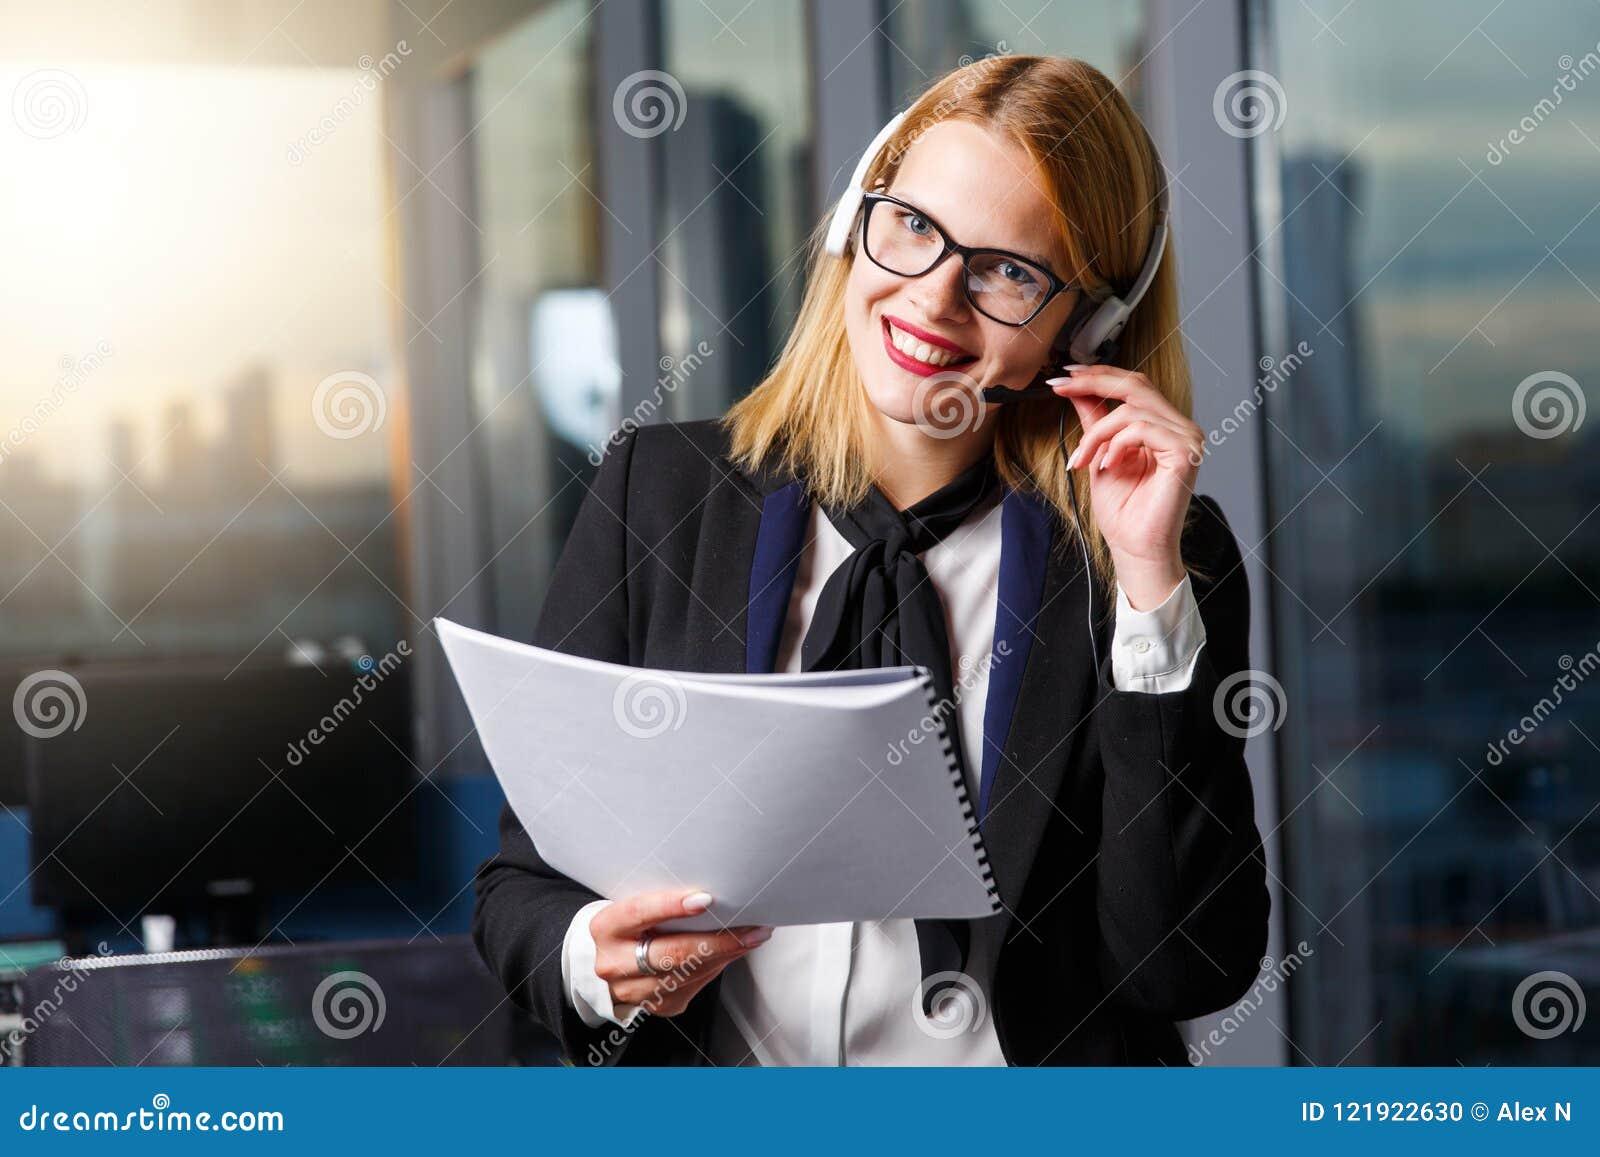 Bild der lächelnden Frau mit Gläsern und Kopfhörern mit Papier in den Händen nahe Glaswand